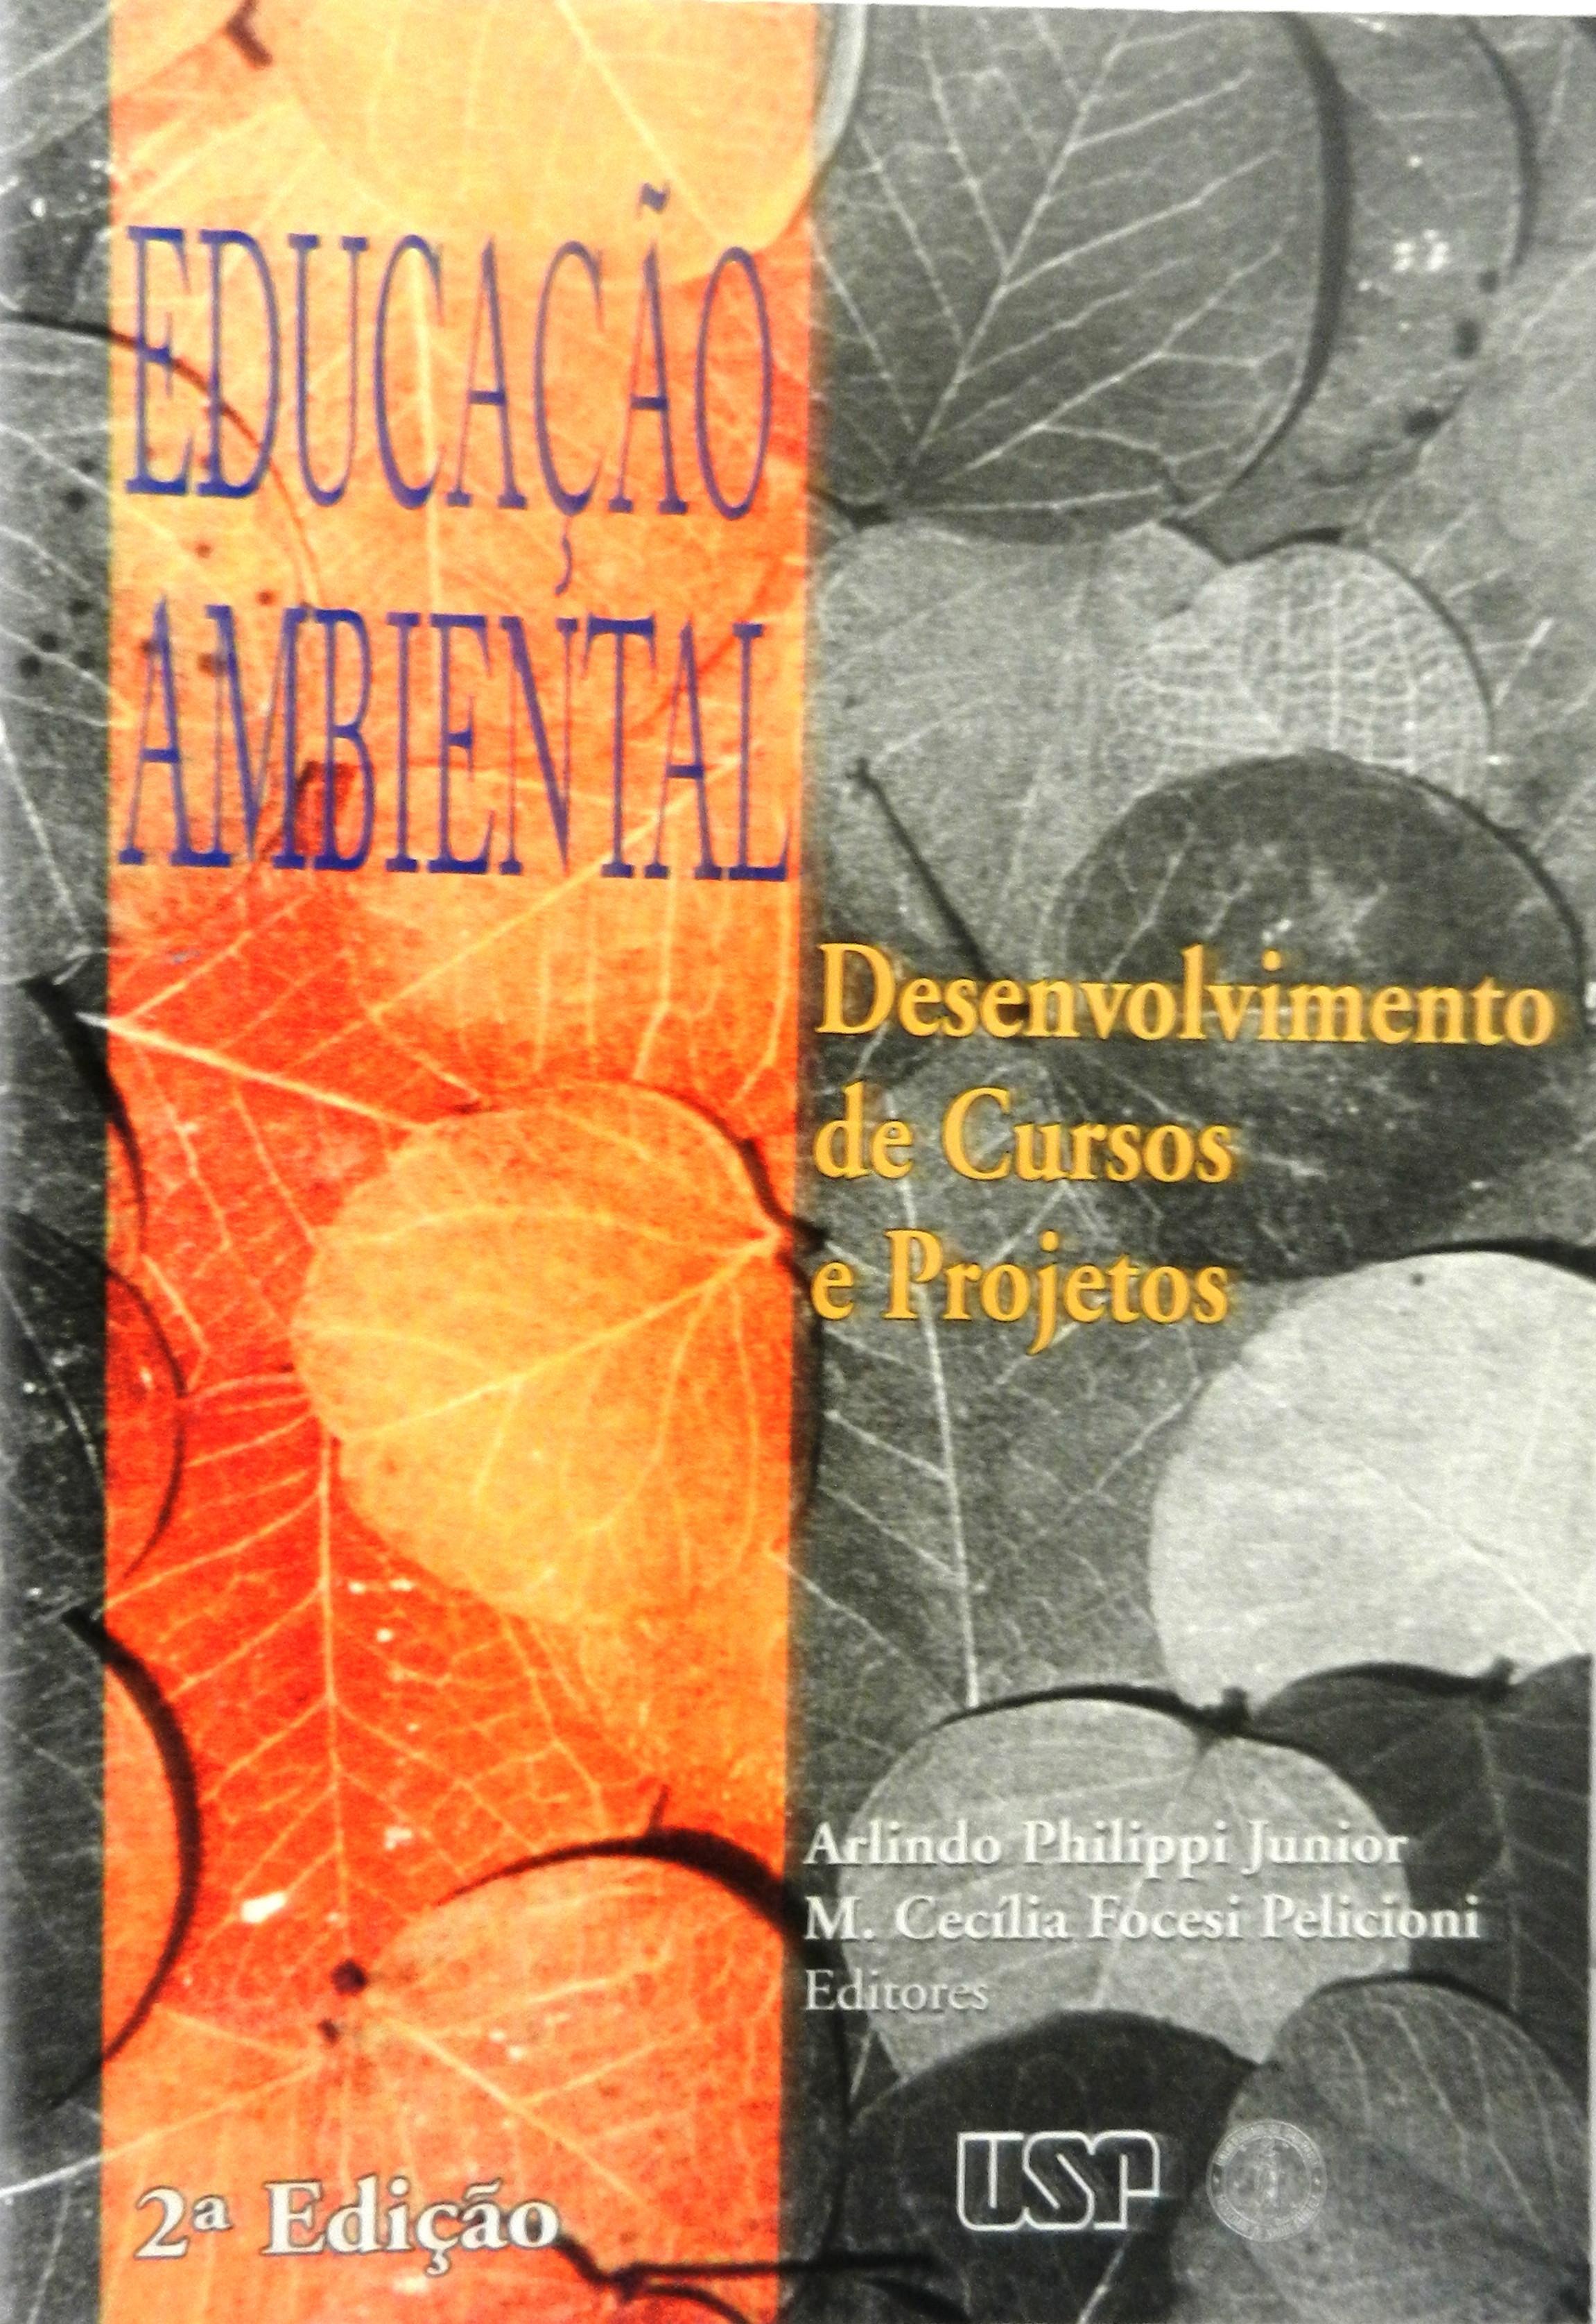 Educação Ambiental: desenvolvimento de cursos e projetos